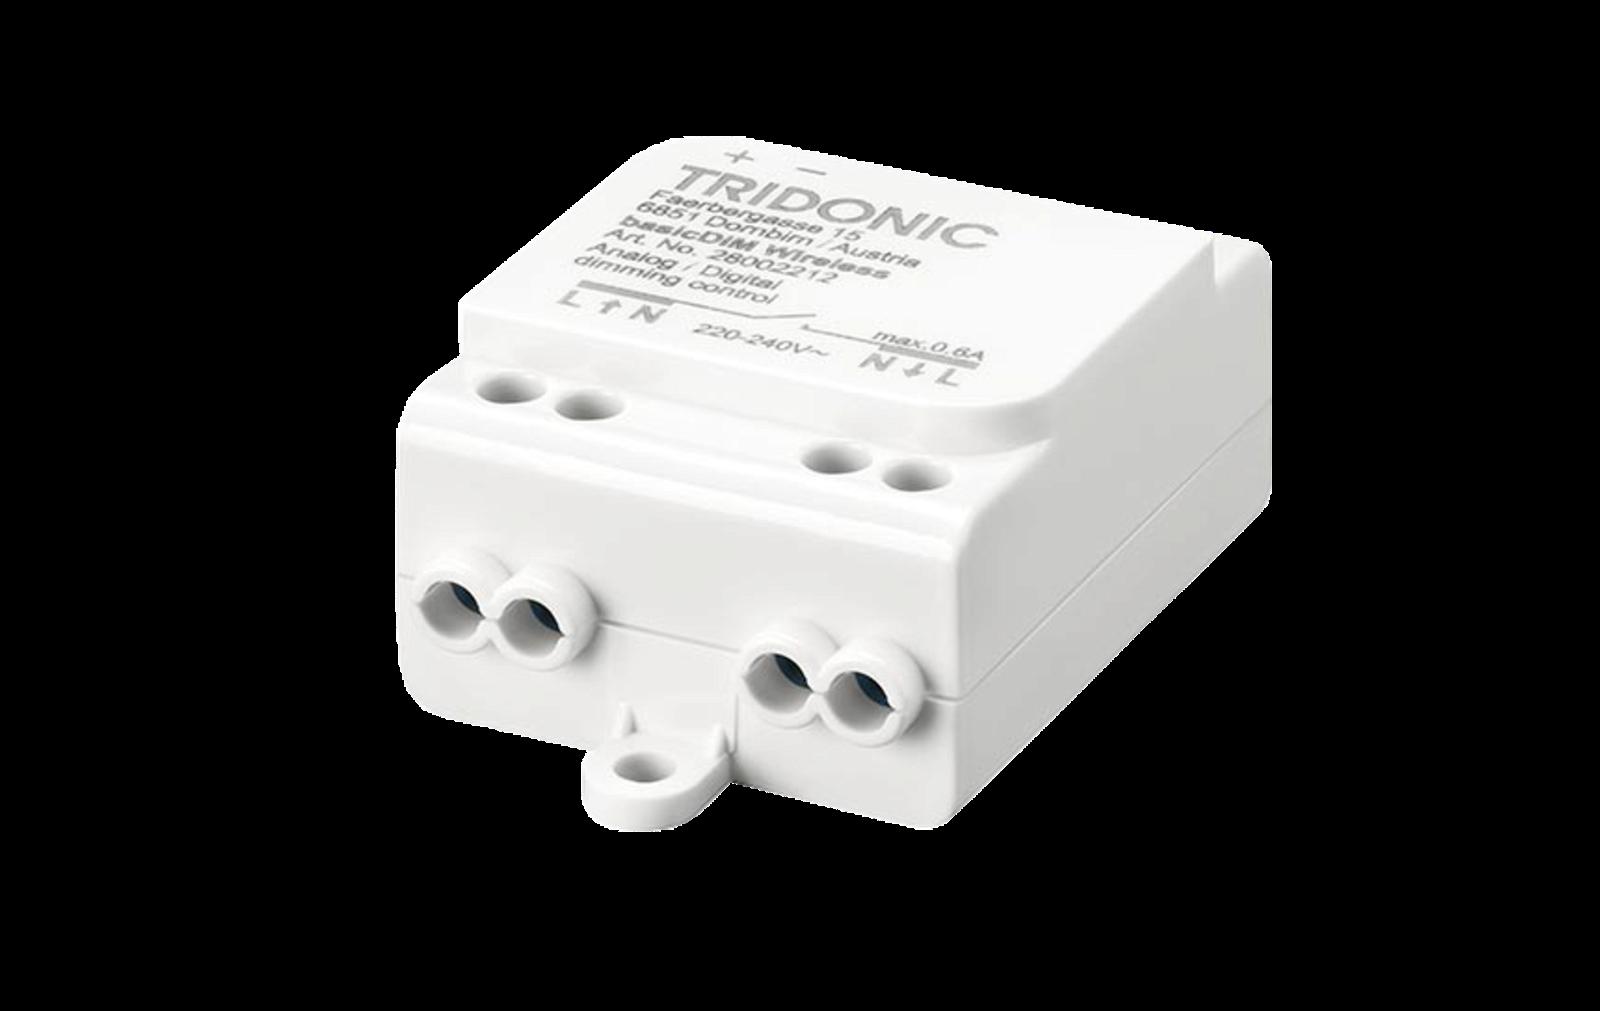 TRIDONIC basicDIM Wireless module CASAMBI